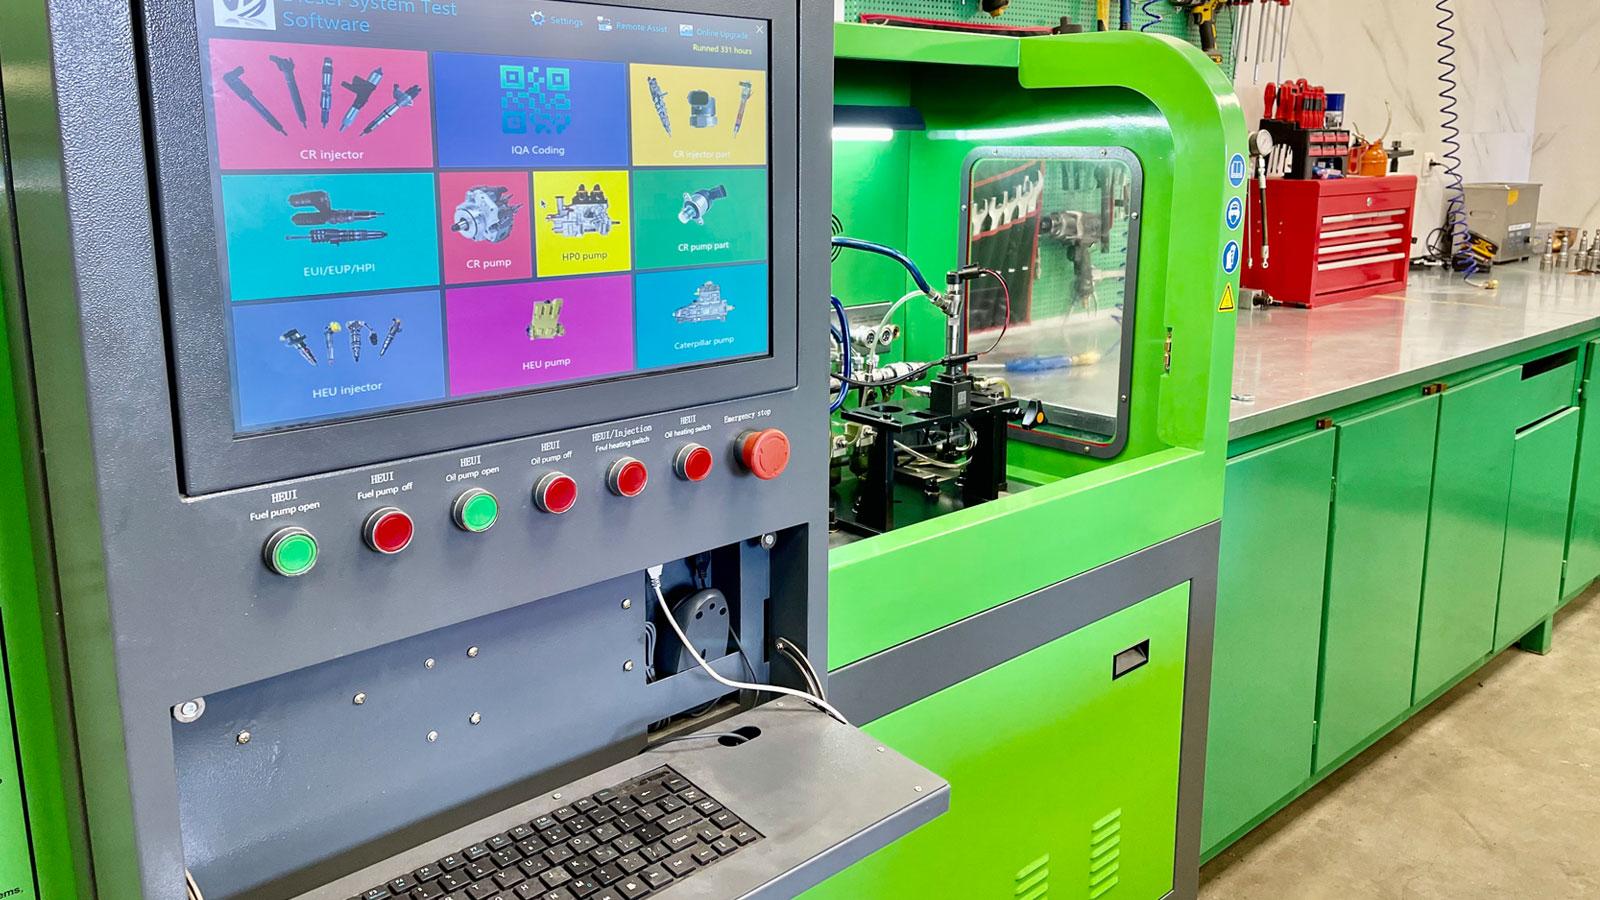 Η επιχείρησηΝIKOLAIDIS DIESEL SERVICEεξοπλίζεται με μηχανήματα νέας τεχνολογίας ώστε να καλύπτει όλο και περισσότερες ανάγκες των φορτηγών σας.